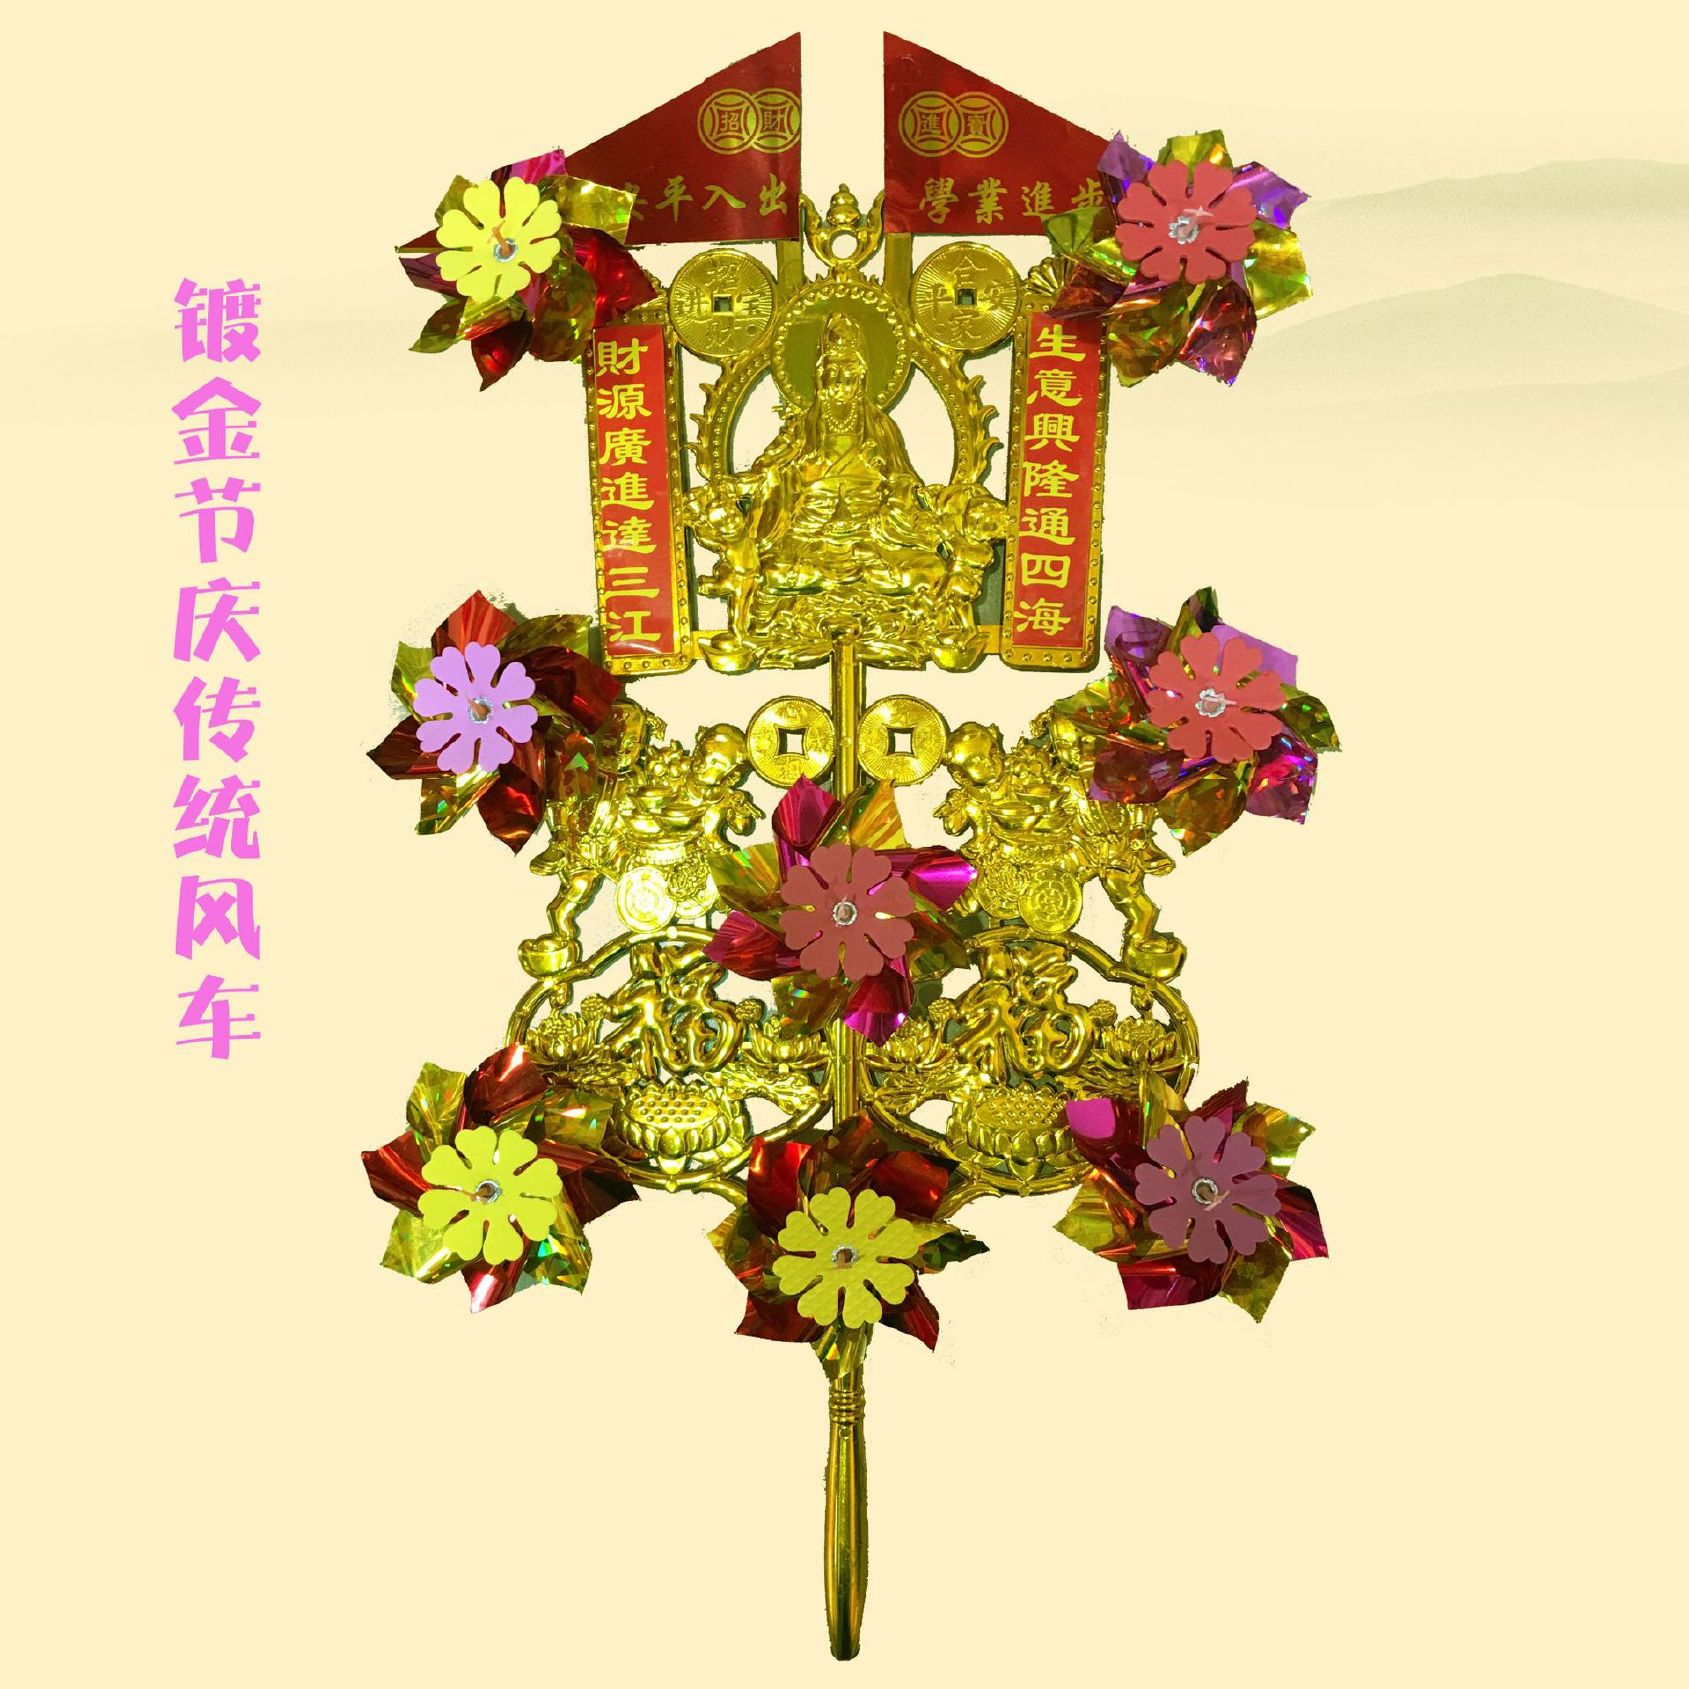 婚庆用品批�_【传统金色风车财神观音小福童庙会花市金风车广州厂家直销